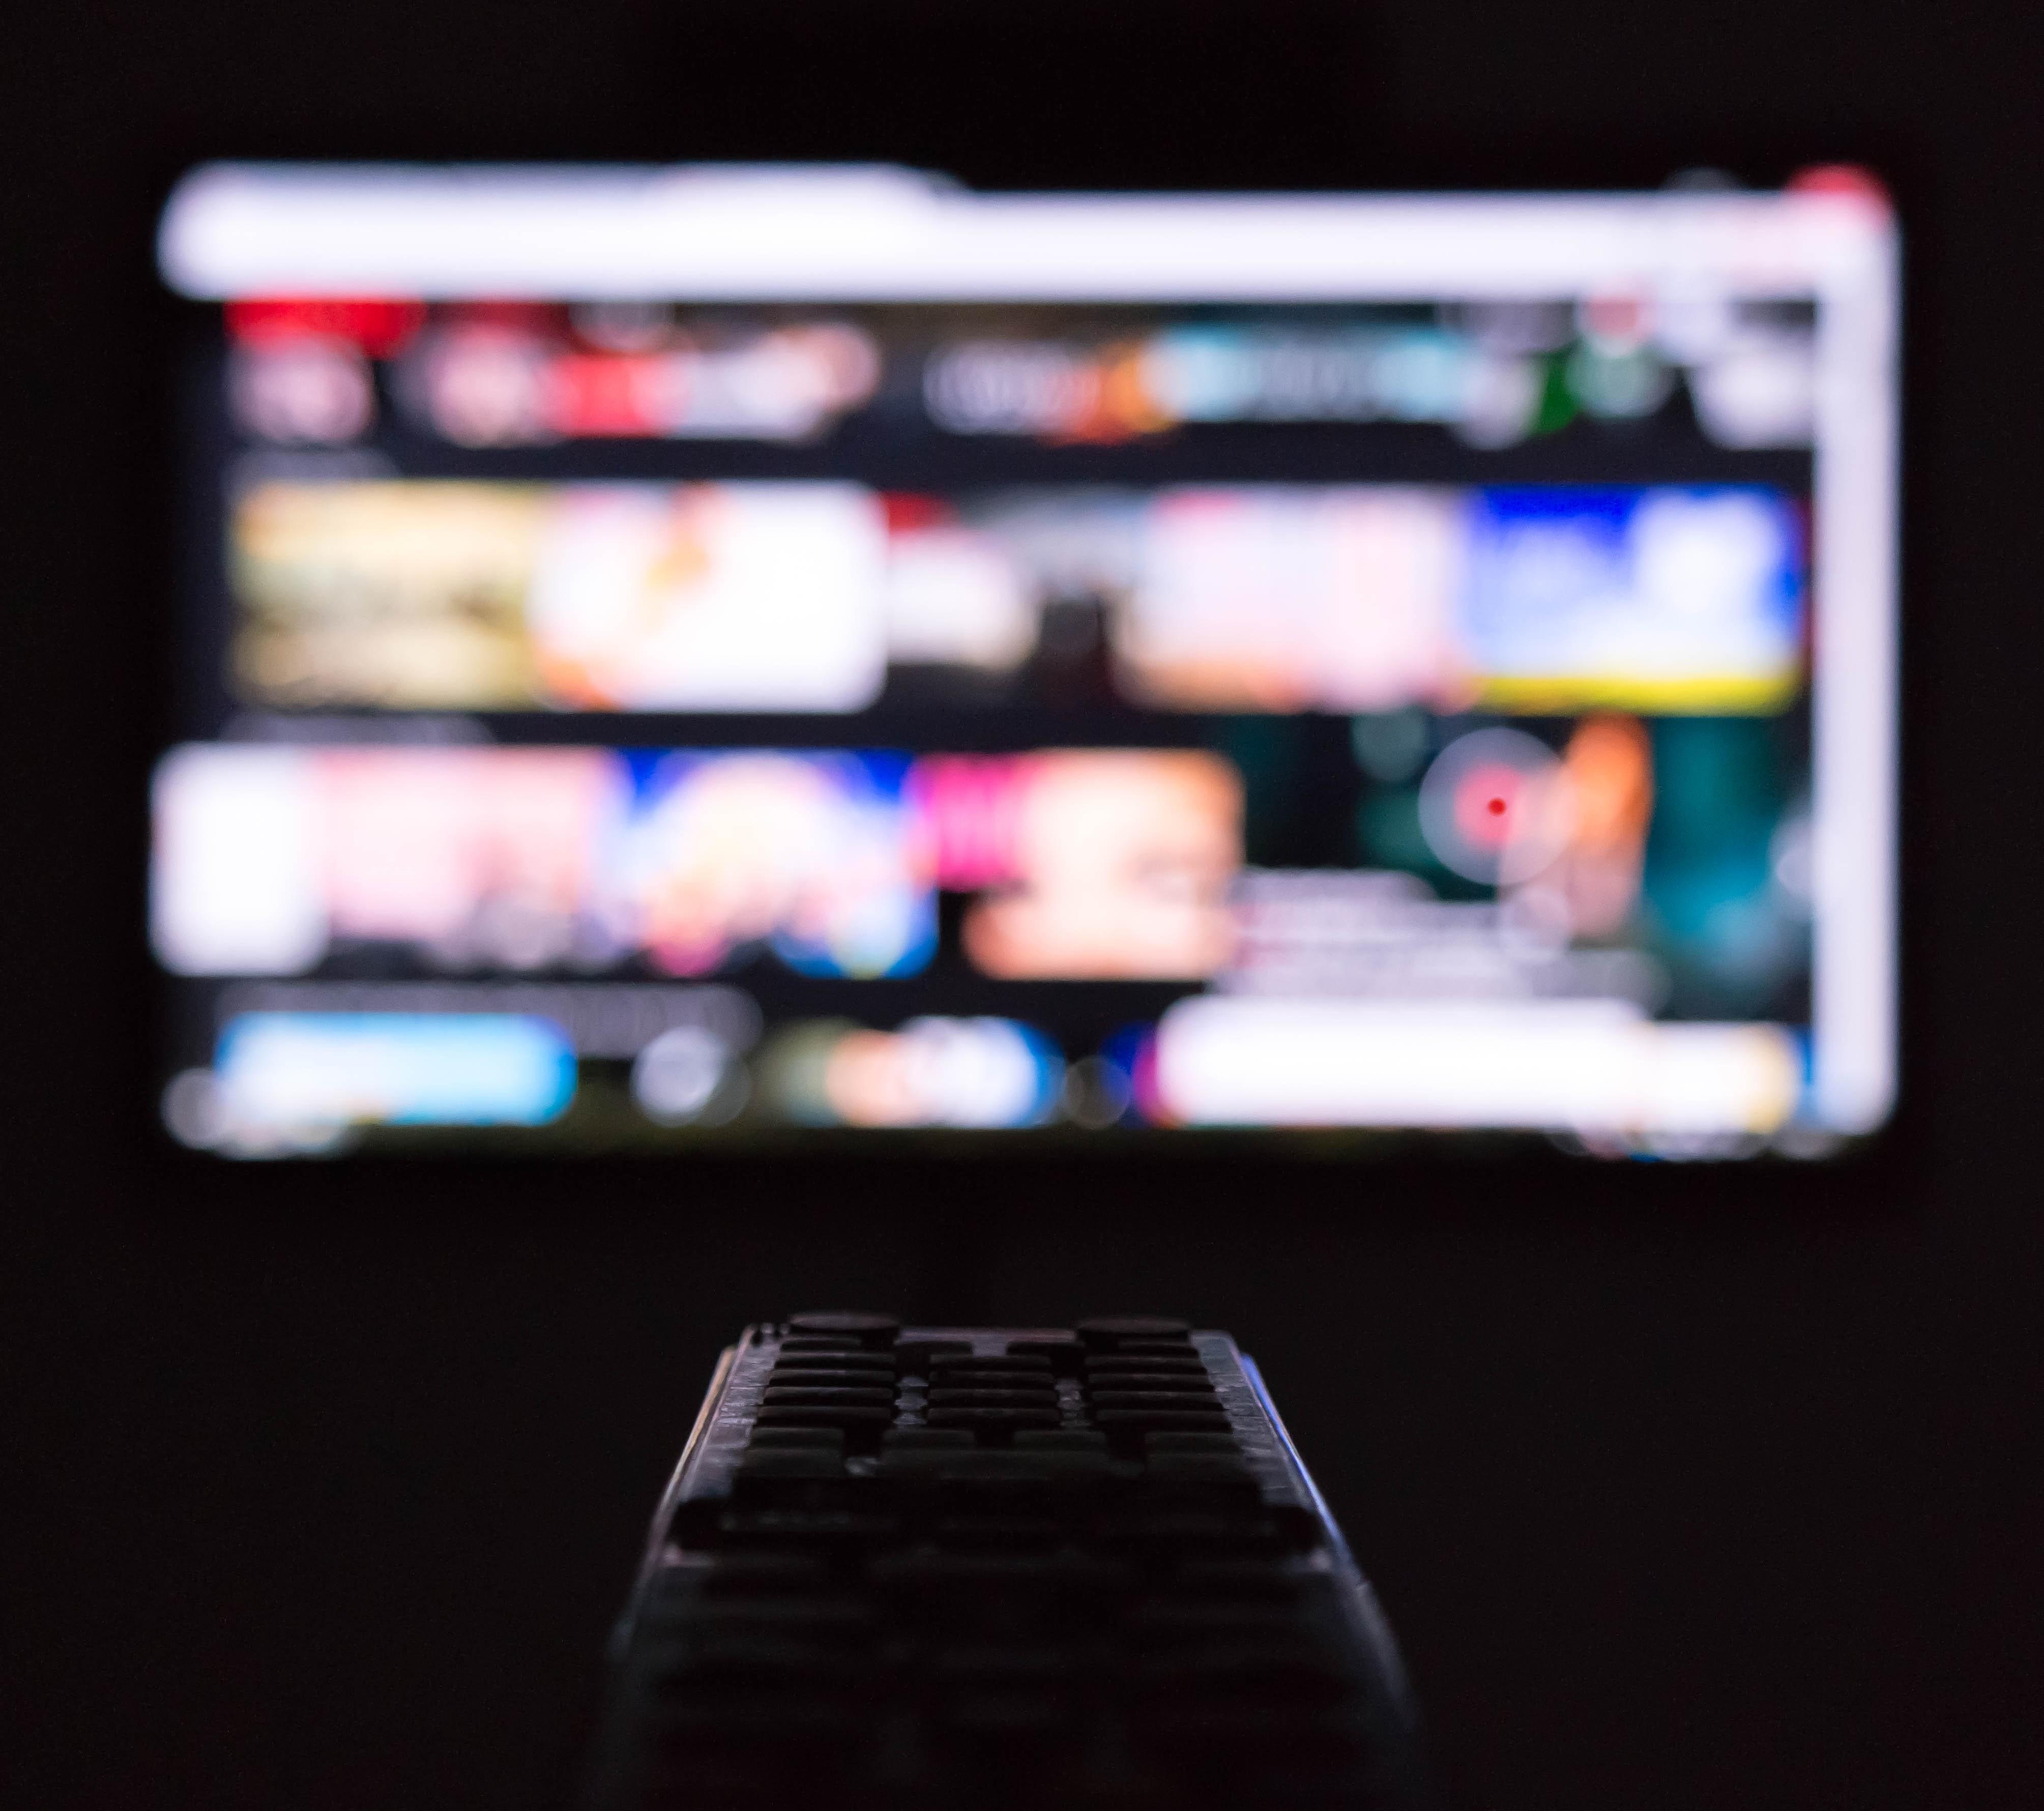 Így változtak az amerikai médiafogyasztási szokások az elmúlt évtized során